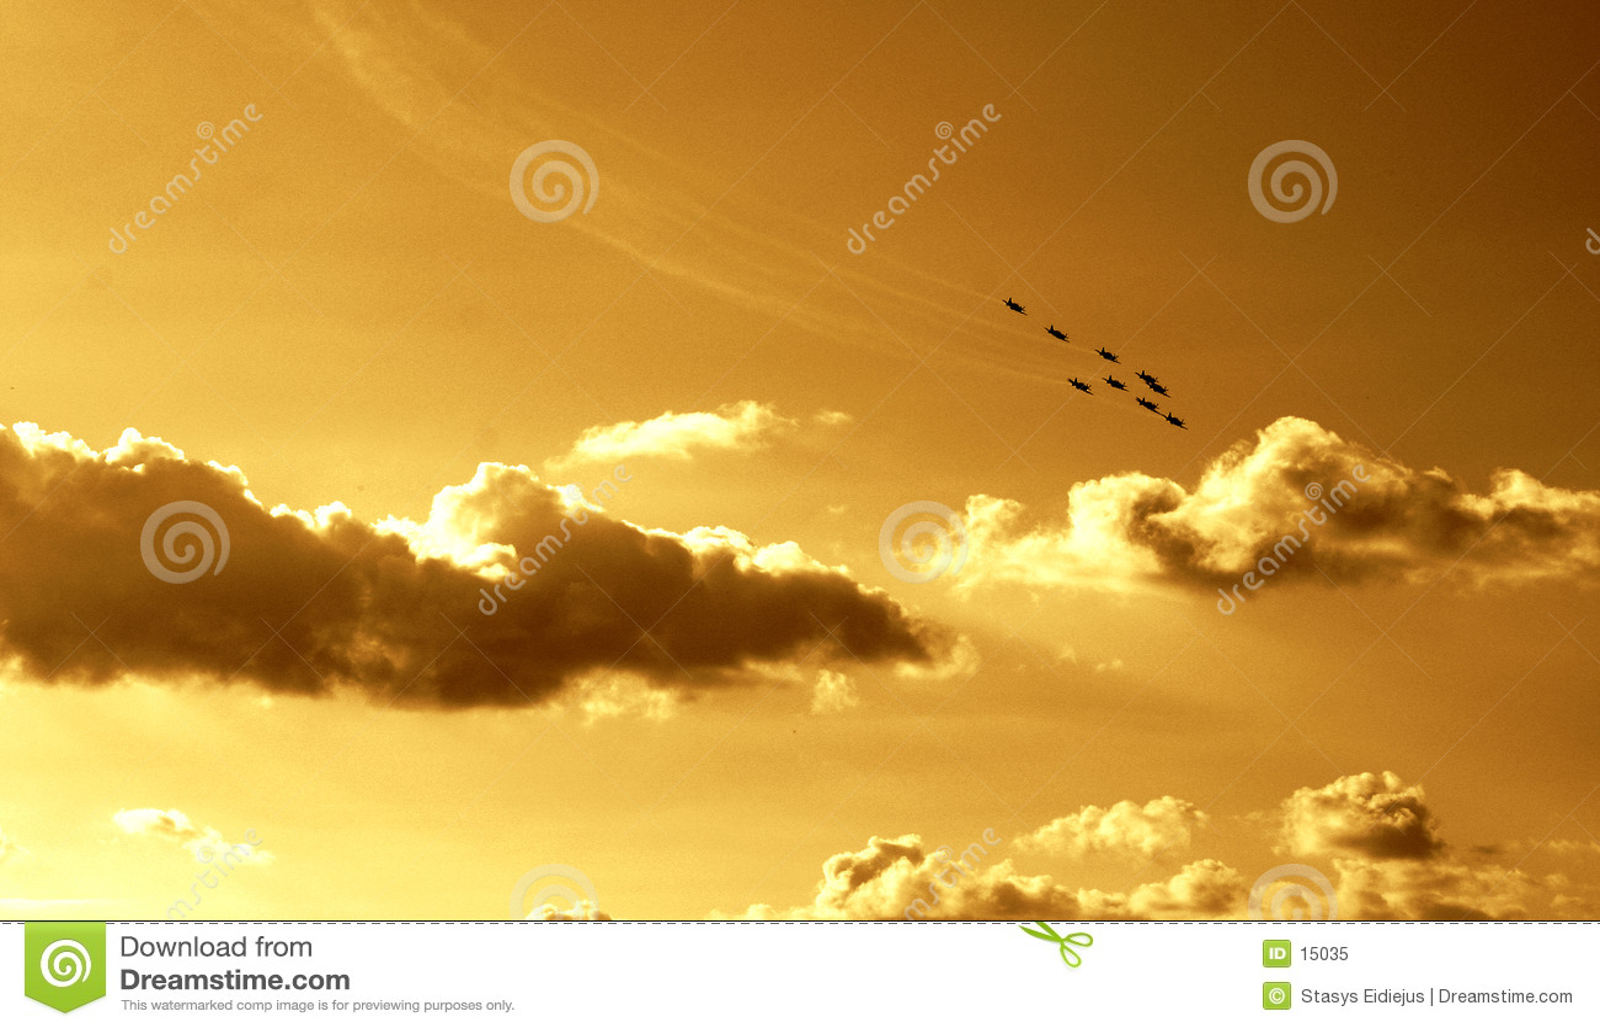 Synchronized team flight VI